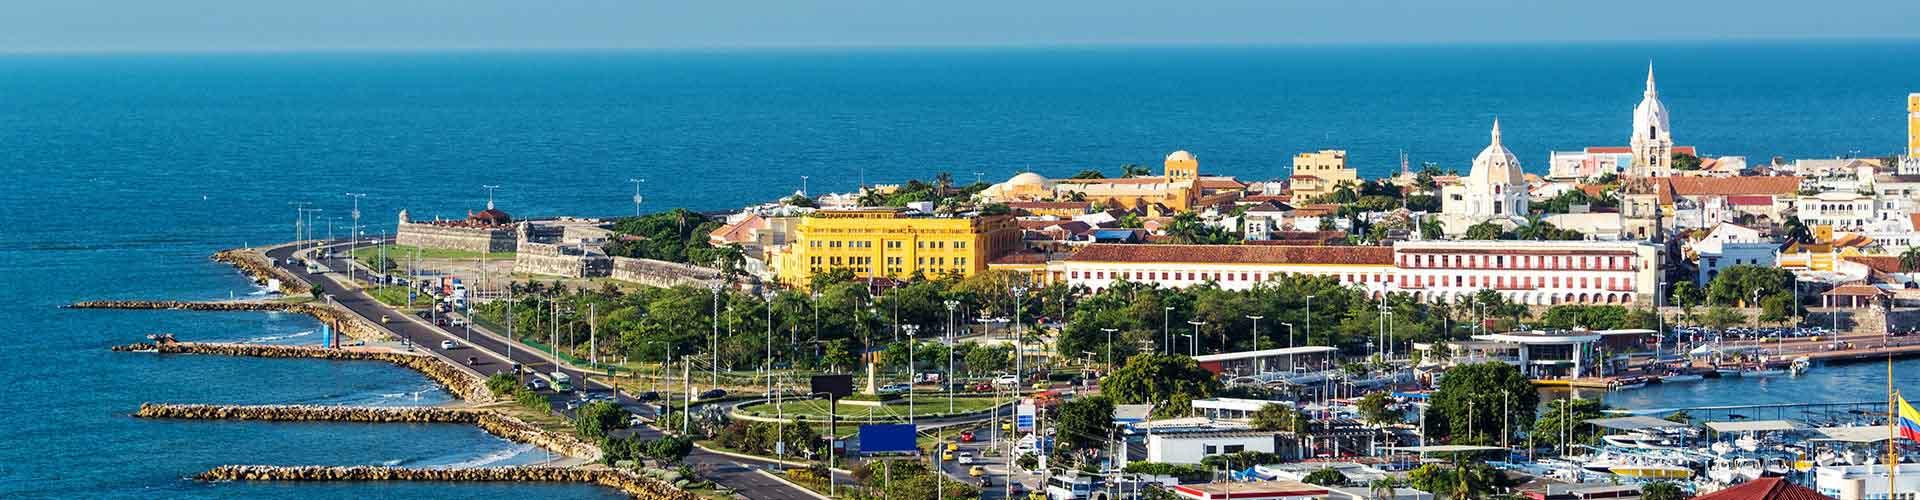 Cartagena - Hôtels à Cartagena. Cartes pour Cartagena, photos et commentaires pour chaque hôtel à Cartagena.